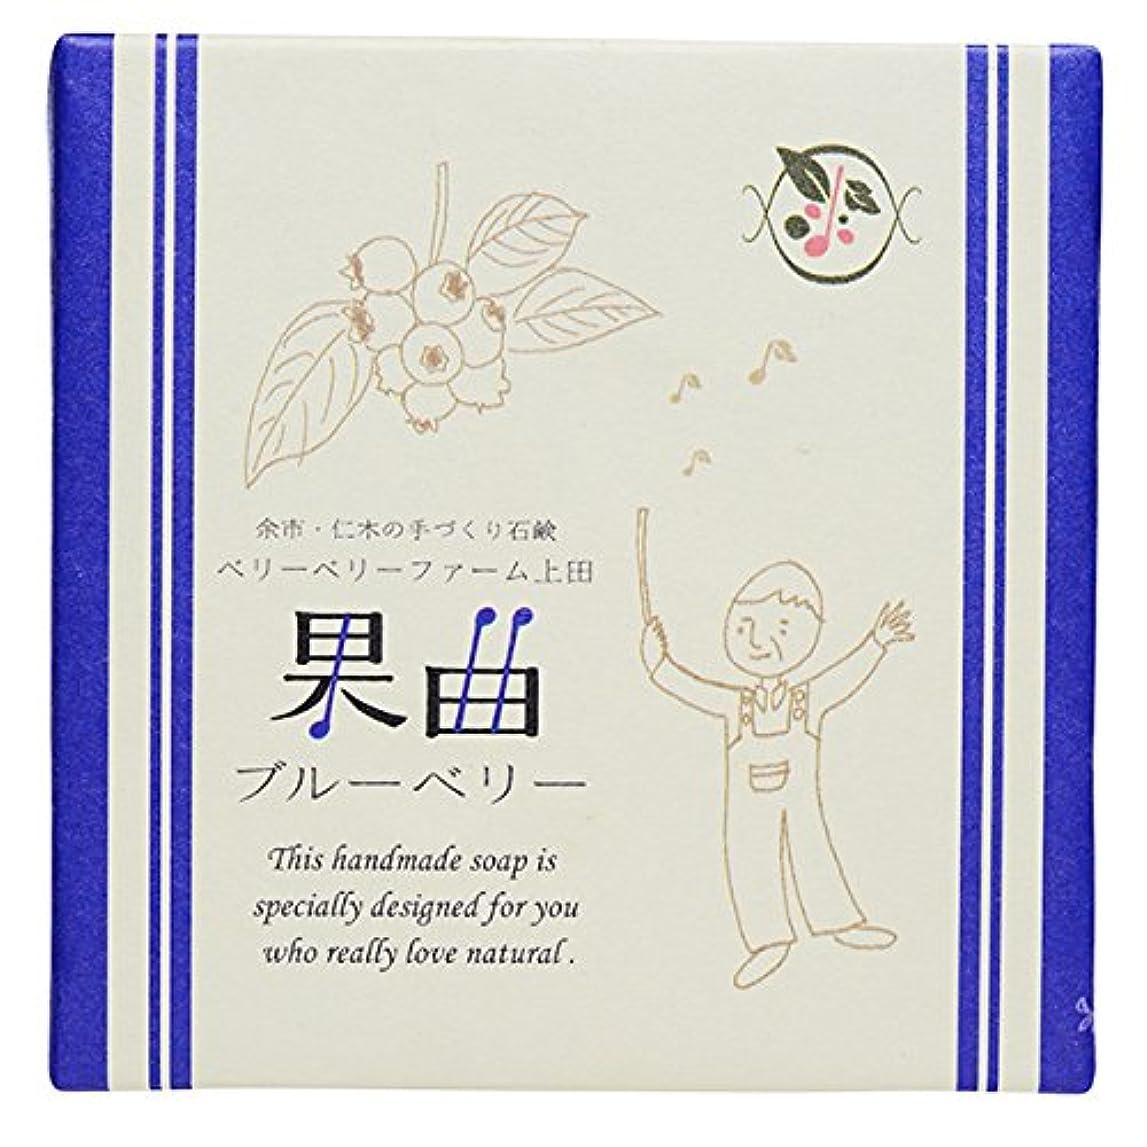 放牧する毎日程度余市町仁木のベリーベリーファーム上田との共同開発 果曲(ブルーベリー)純練り石鹸